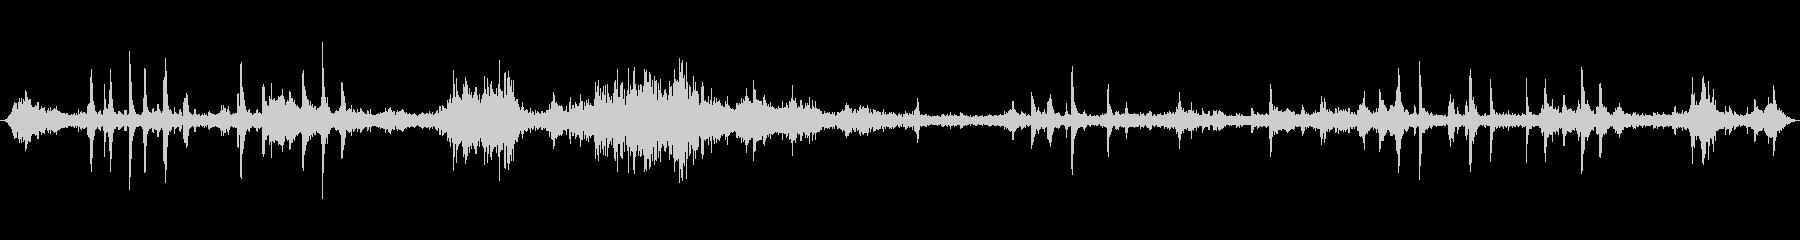 ヘビーウィンドブローイング、メタル...の未再生の波形